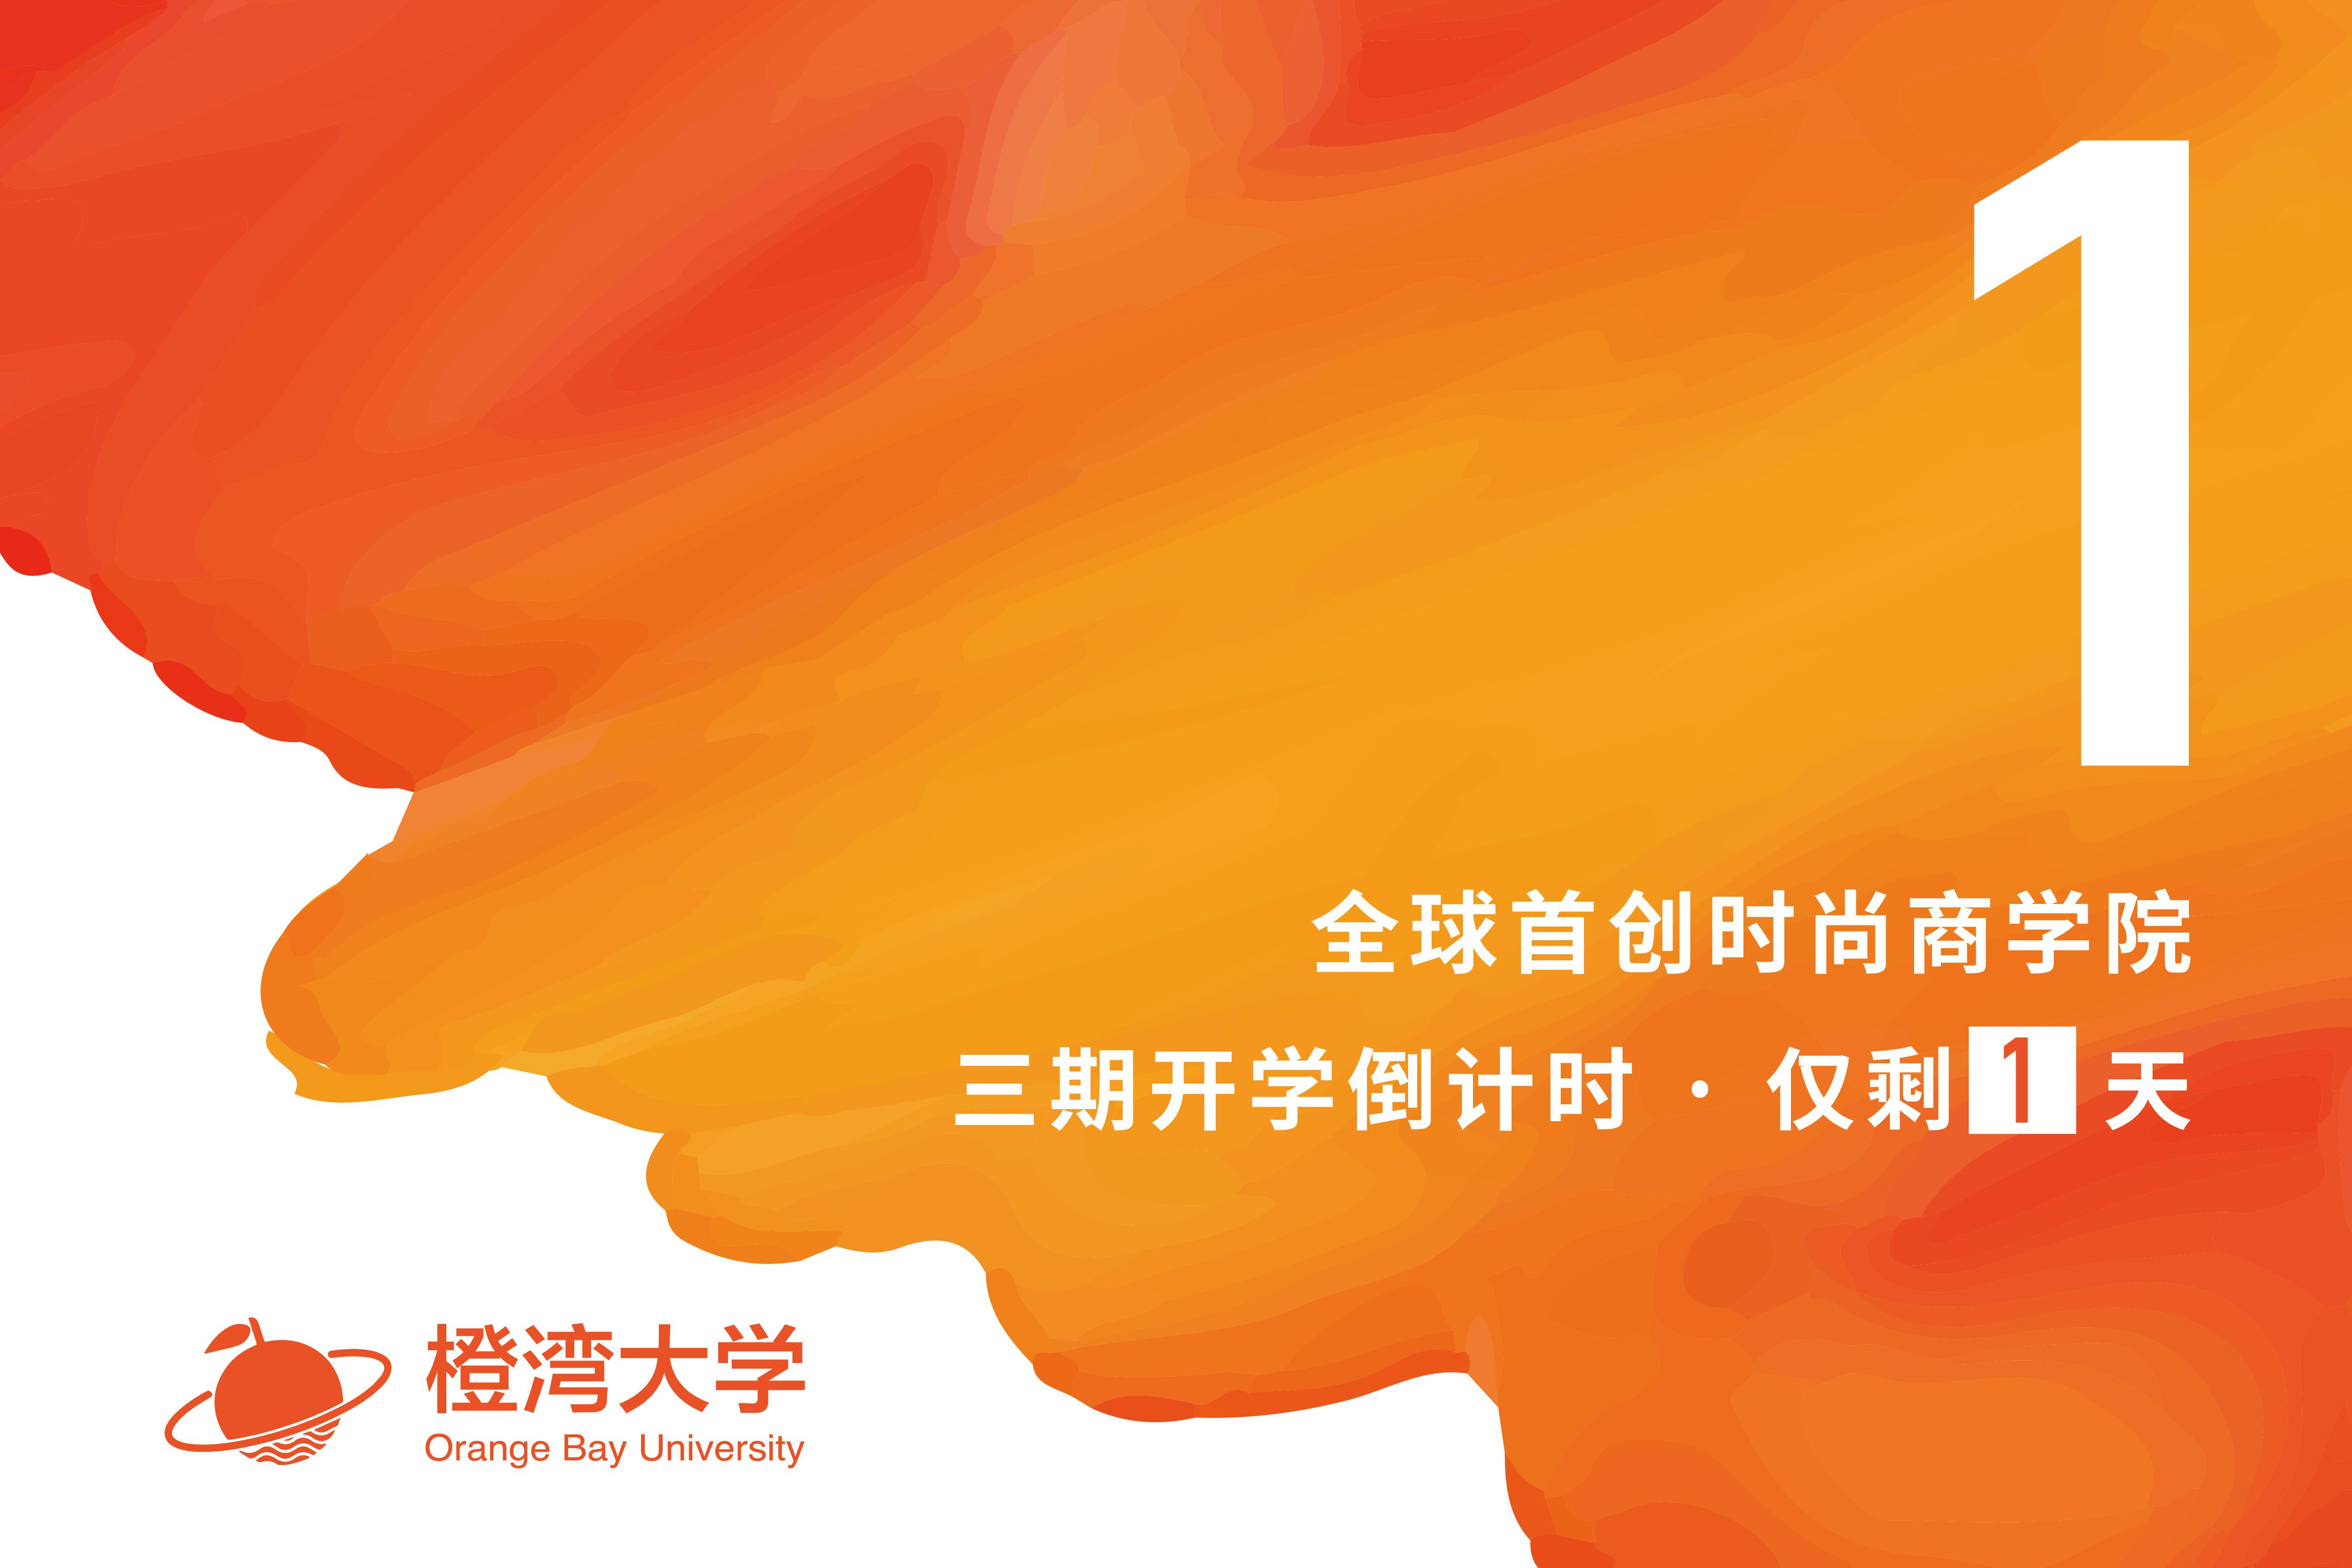 橙湾大学三期开学倒计时:1天!与中国时尚产业最有抱负的一批精英人士共同学习和成长!